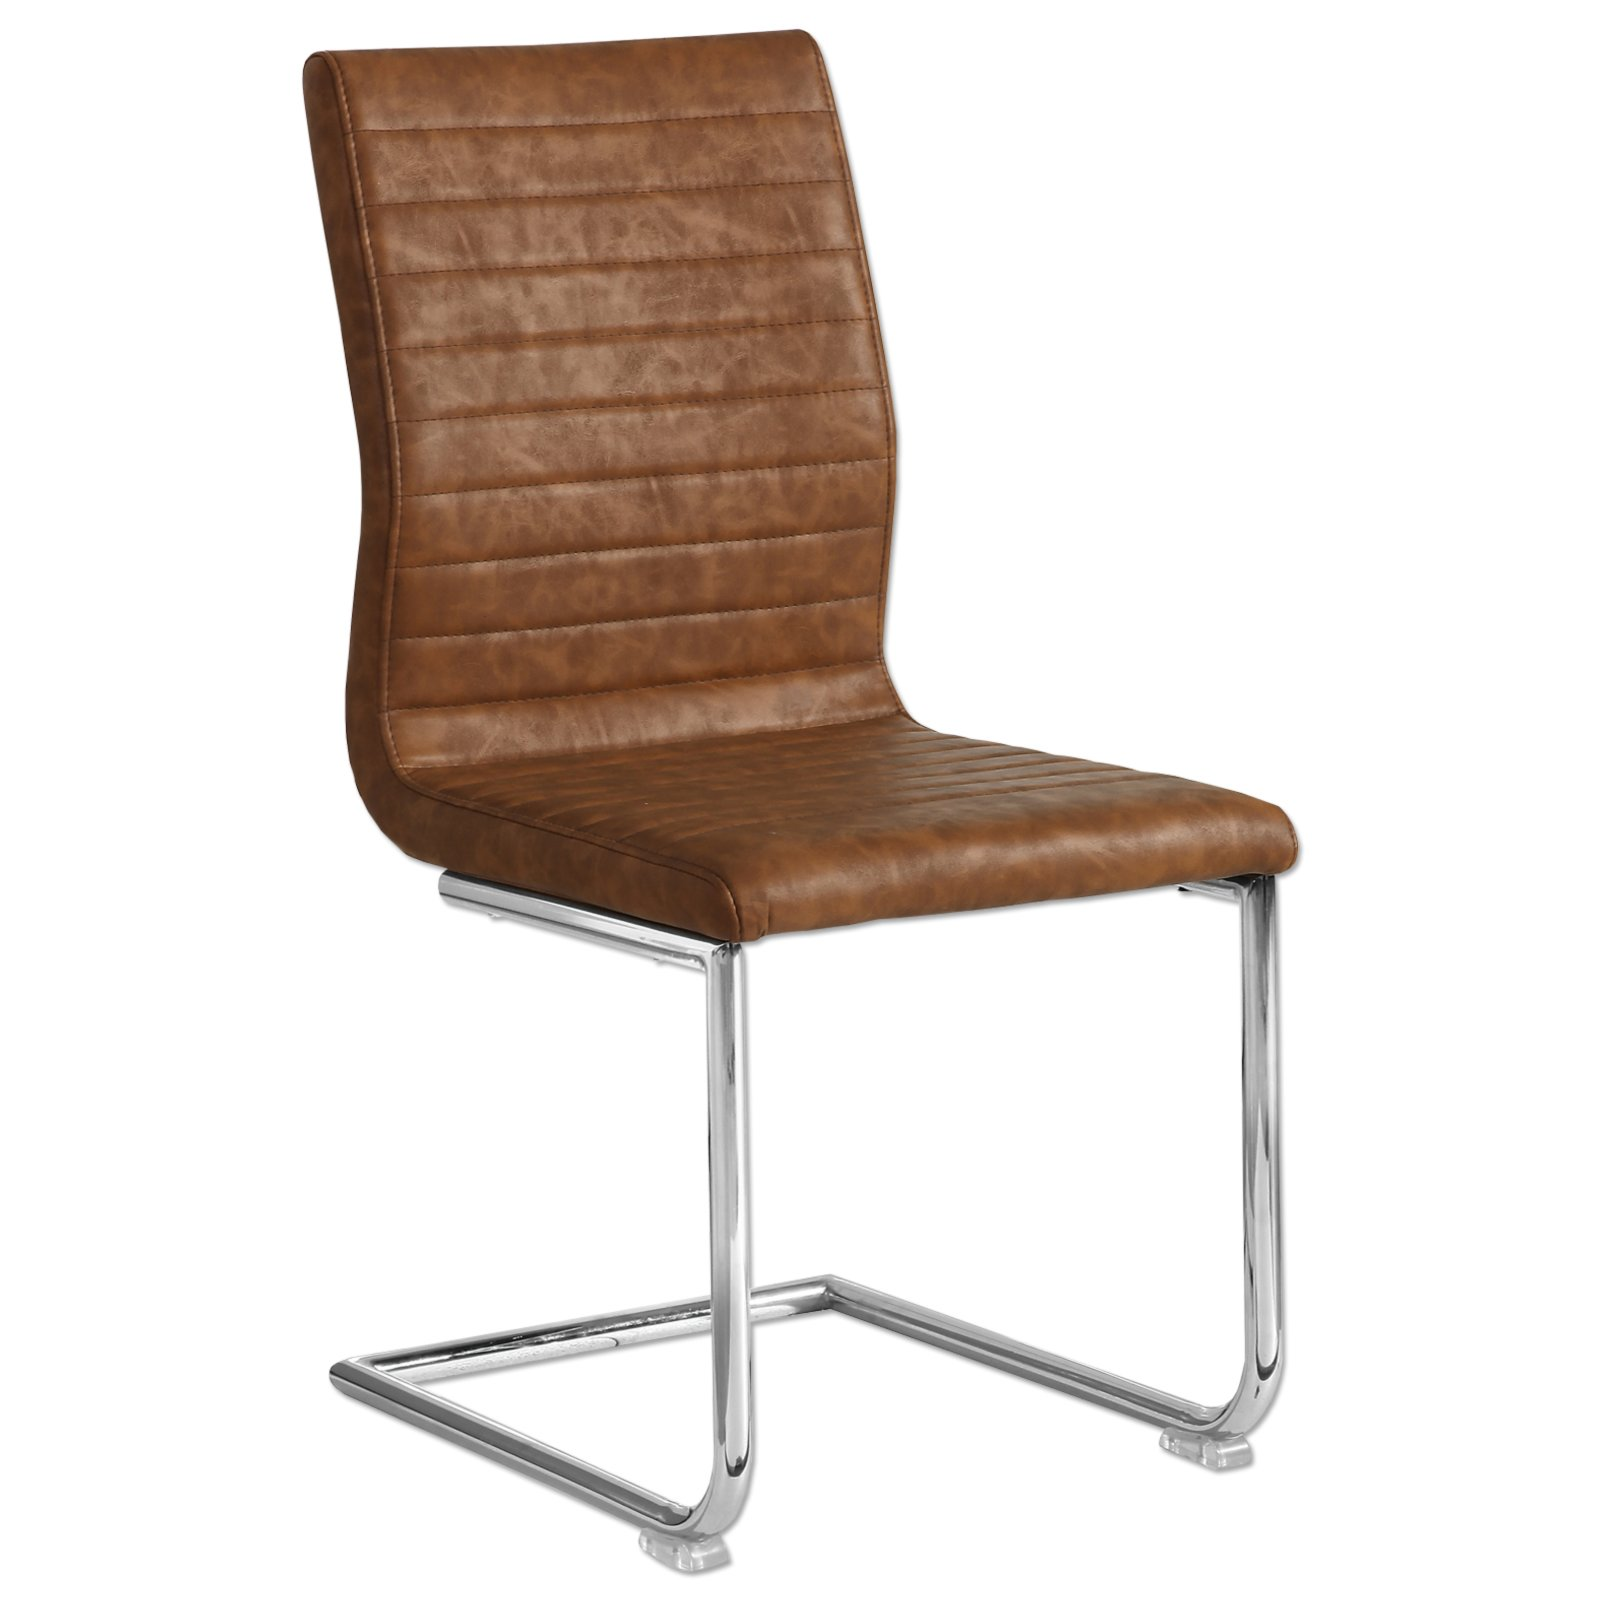 schwinger birmingham chrom braun vintage freischwinger st hle hocker m bel roller. Black Bedroom Furniture Sets. Home Design Ideas